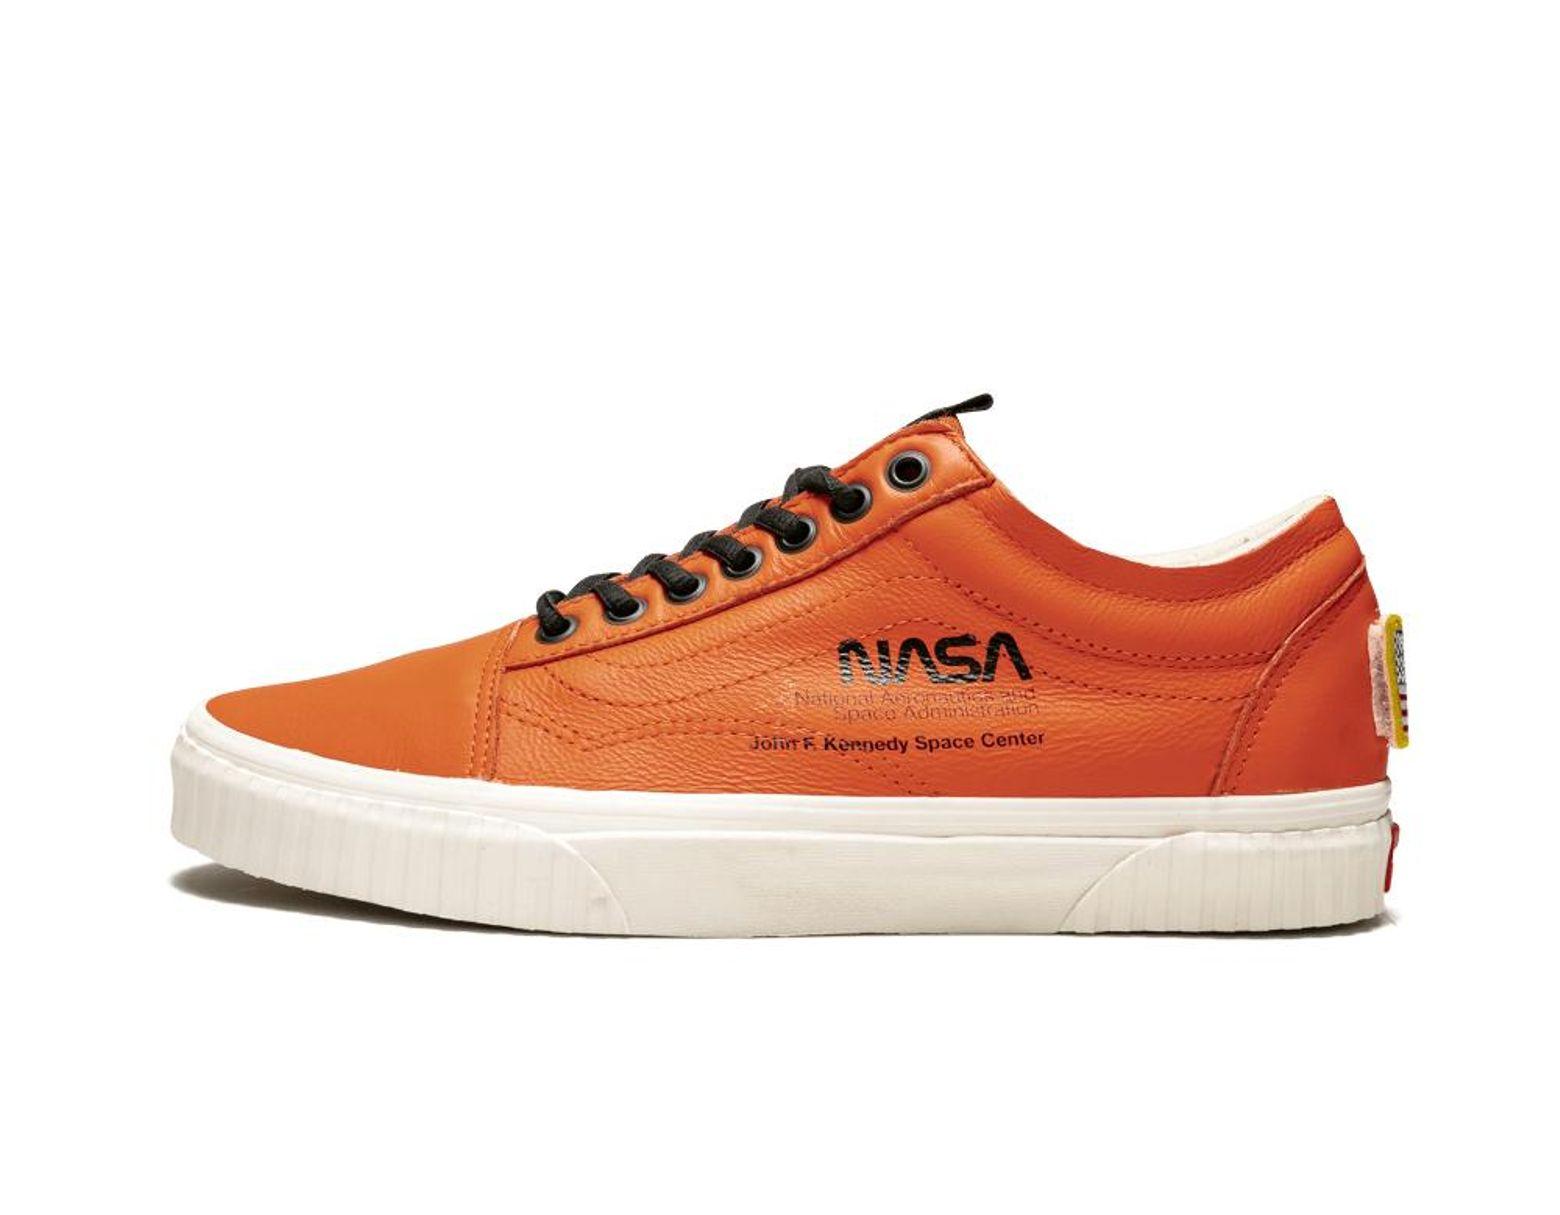 c4010cc1fc23b Space Voyager Old Skool Nasa Orange Sneakers - Mens Uk 11